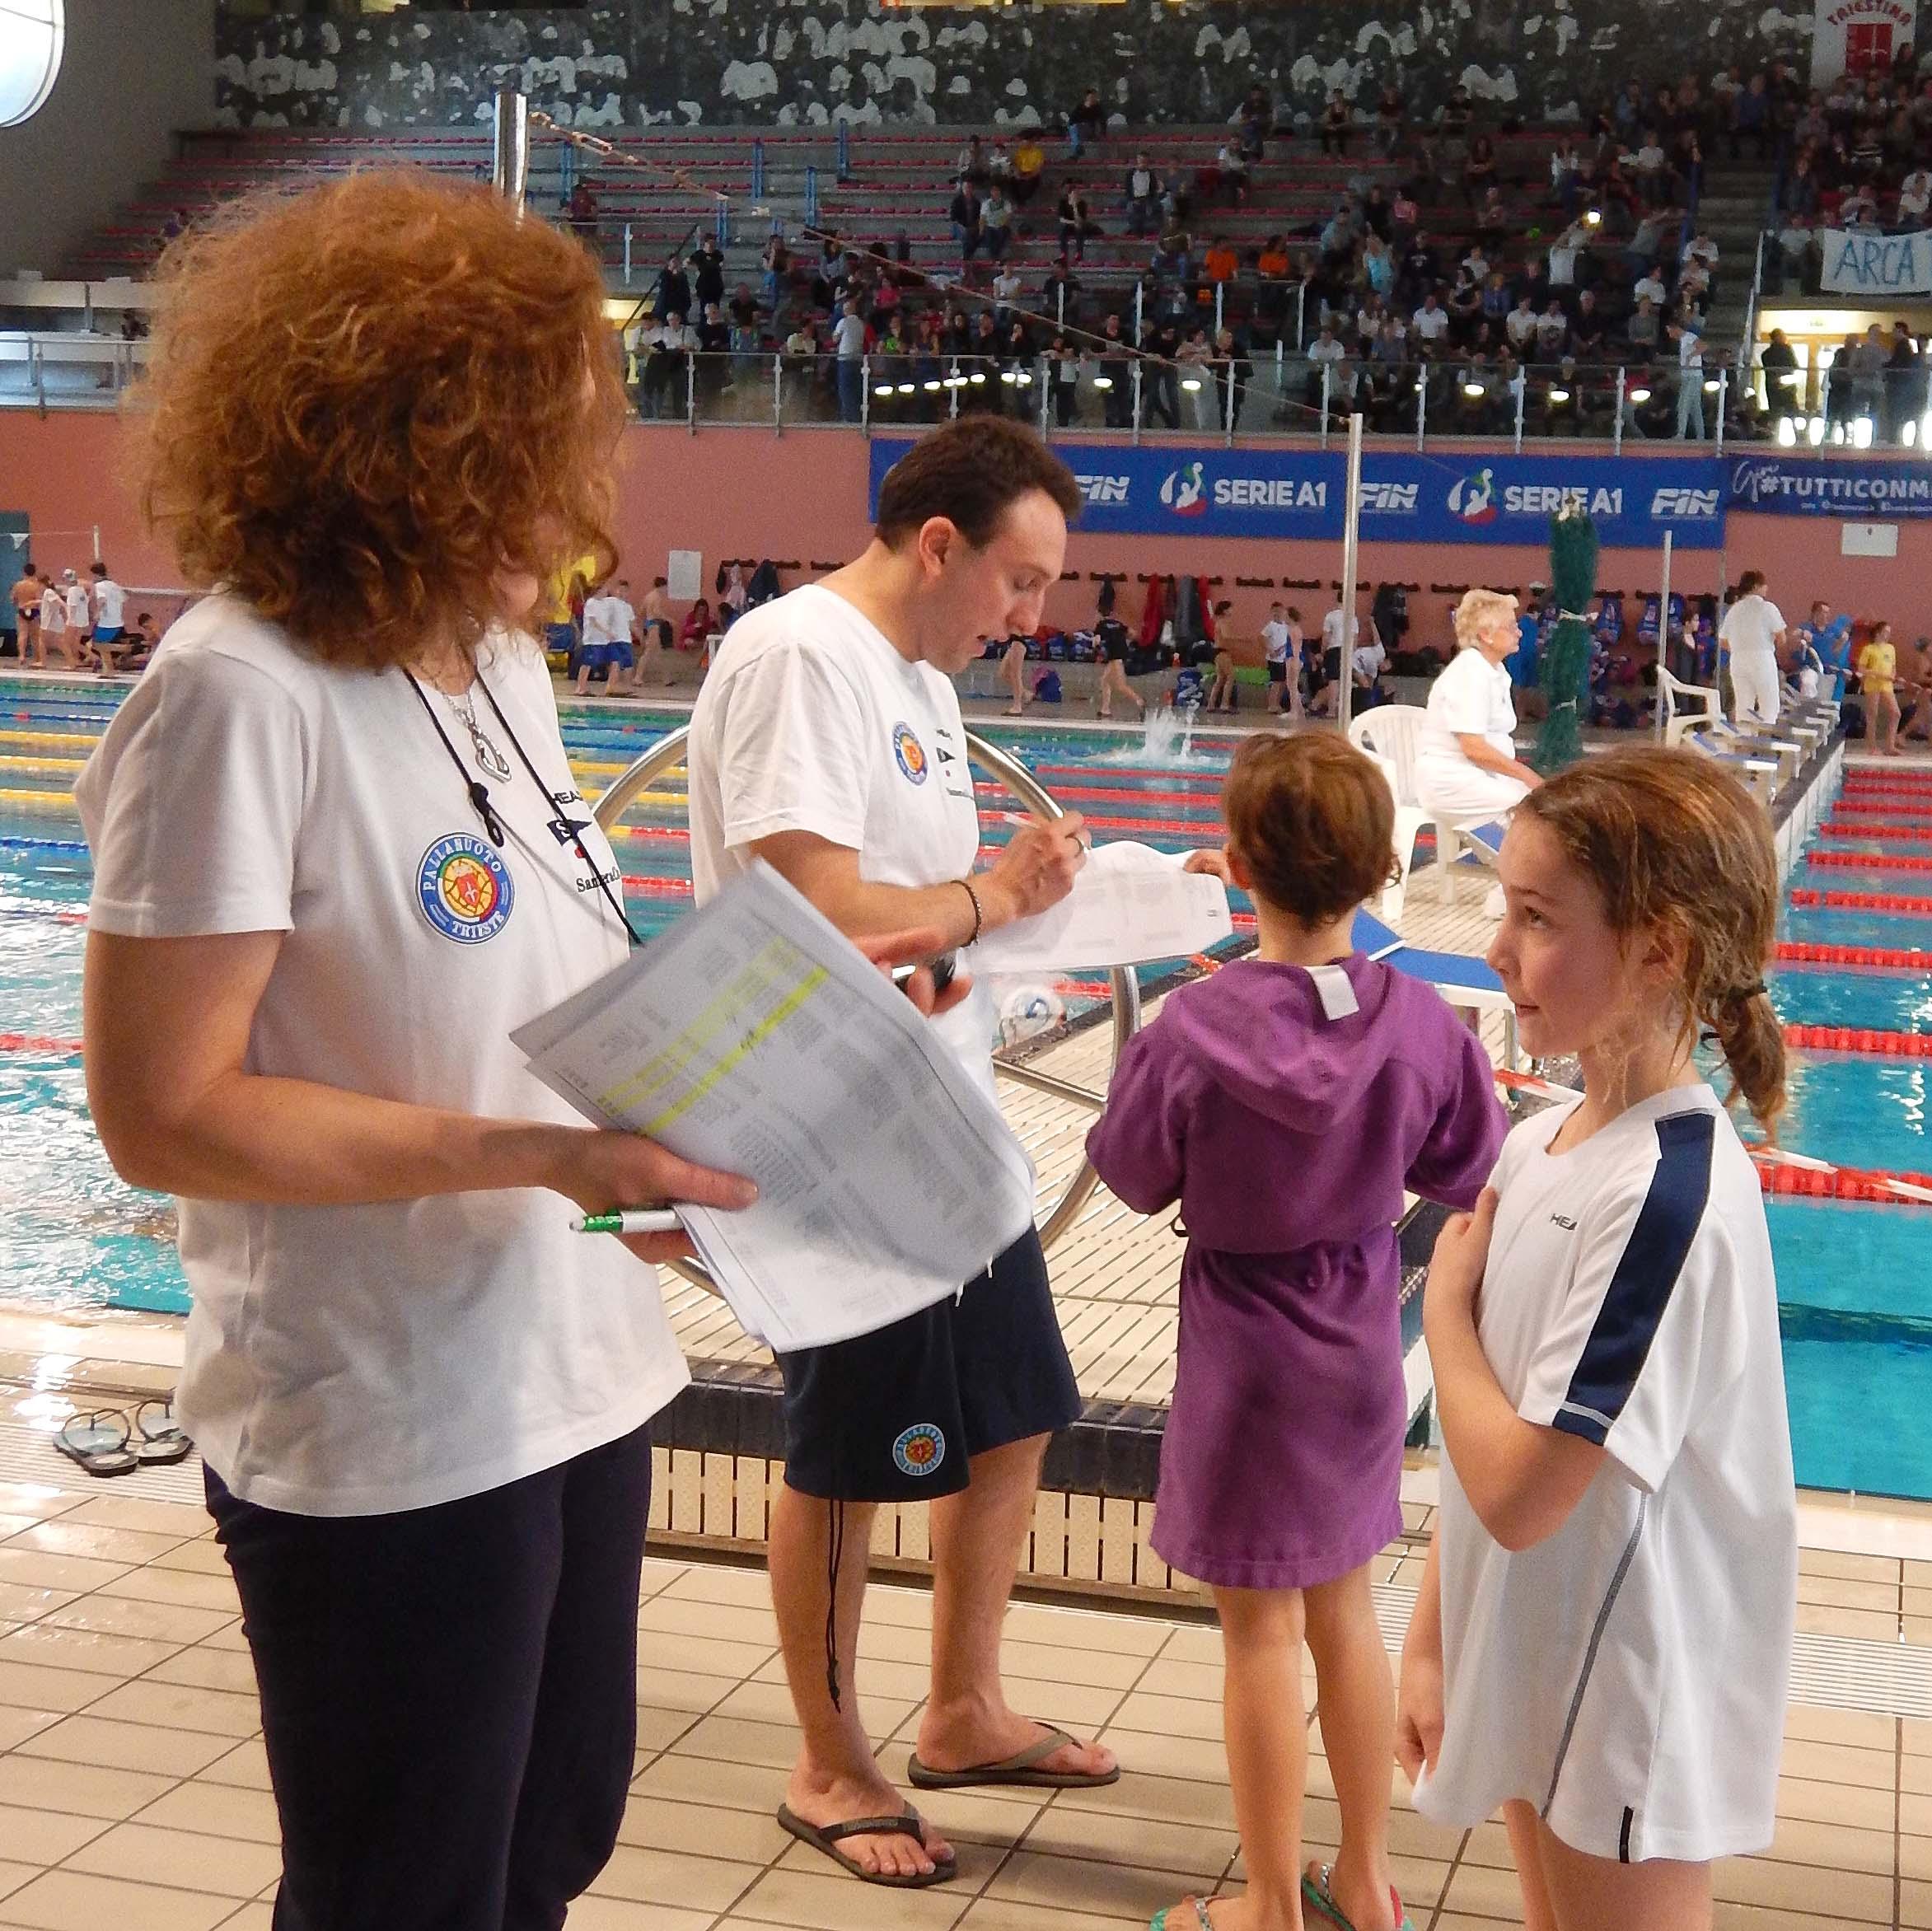 Nuoto: finali regionali invernali Esordienti, prestazione positive per tutti i giovani atleti della Pallanuoto Trieste